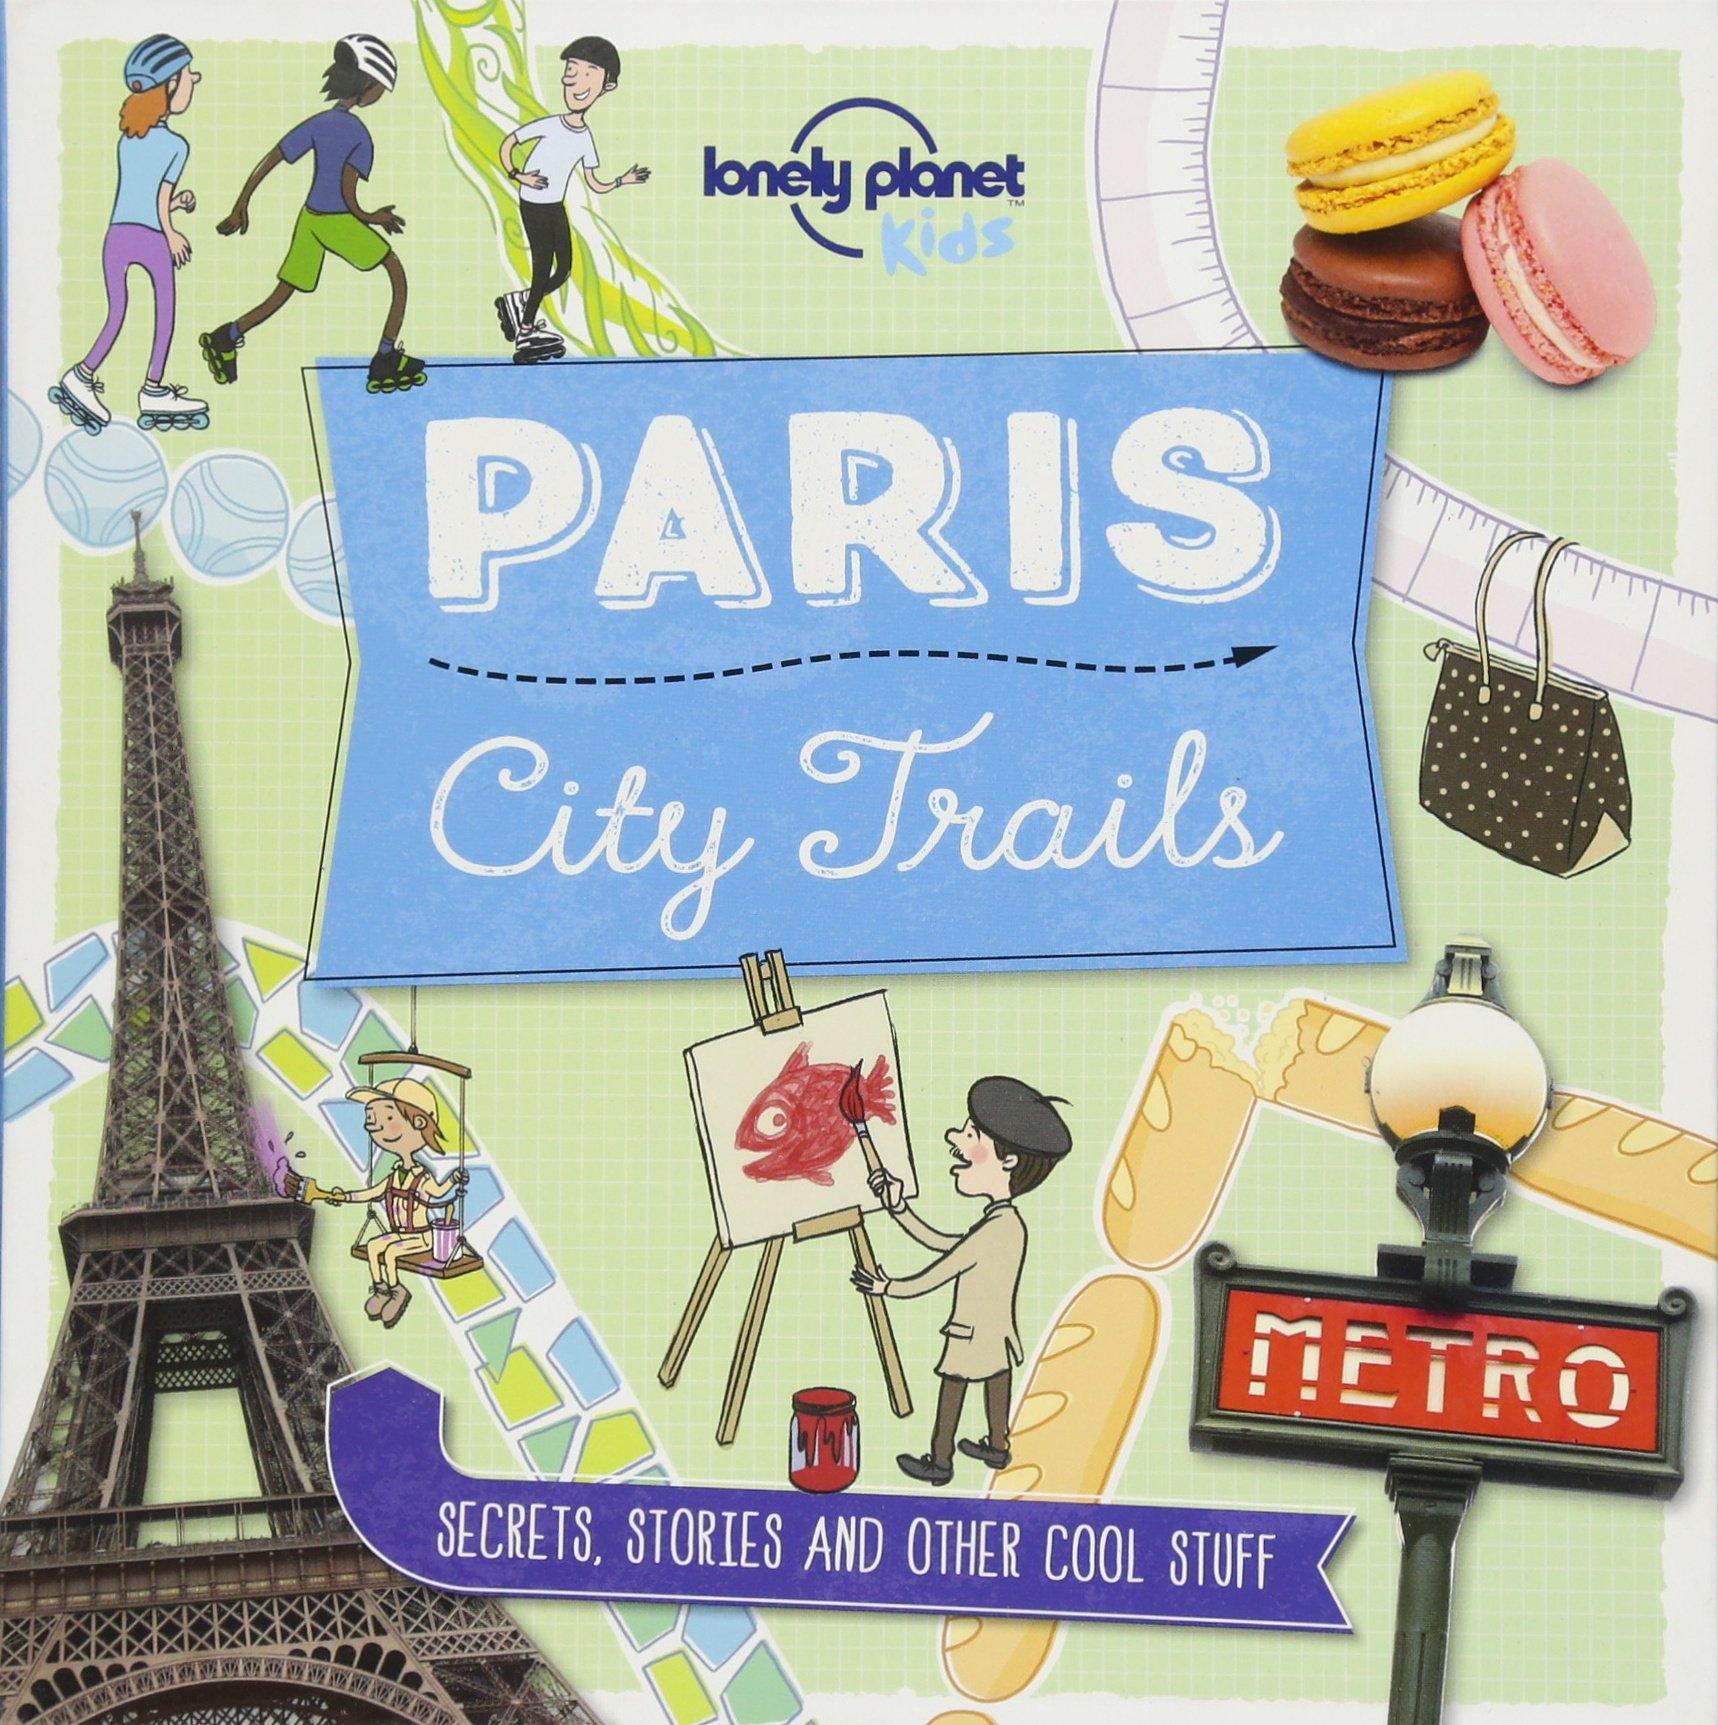 City Trails - Paris (Lonely Planet Kids City Trails) [Idioma Inglés]